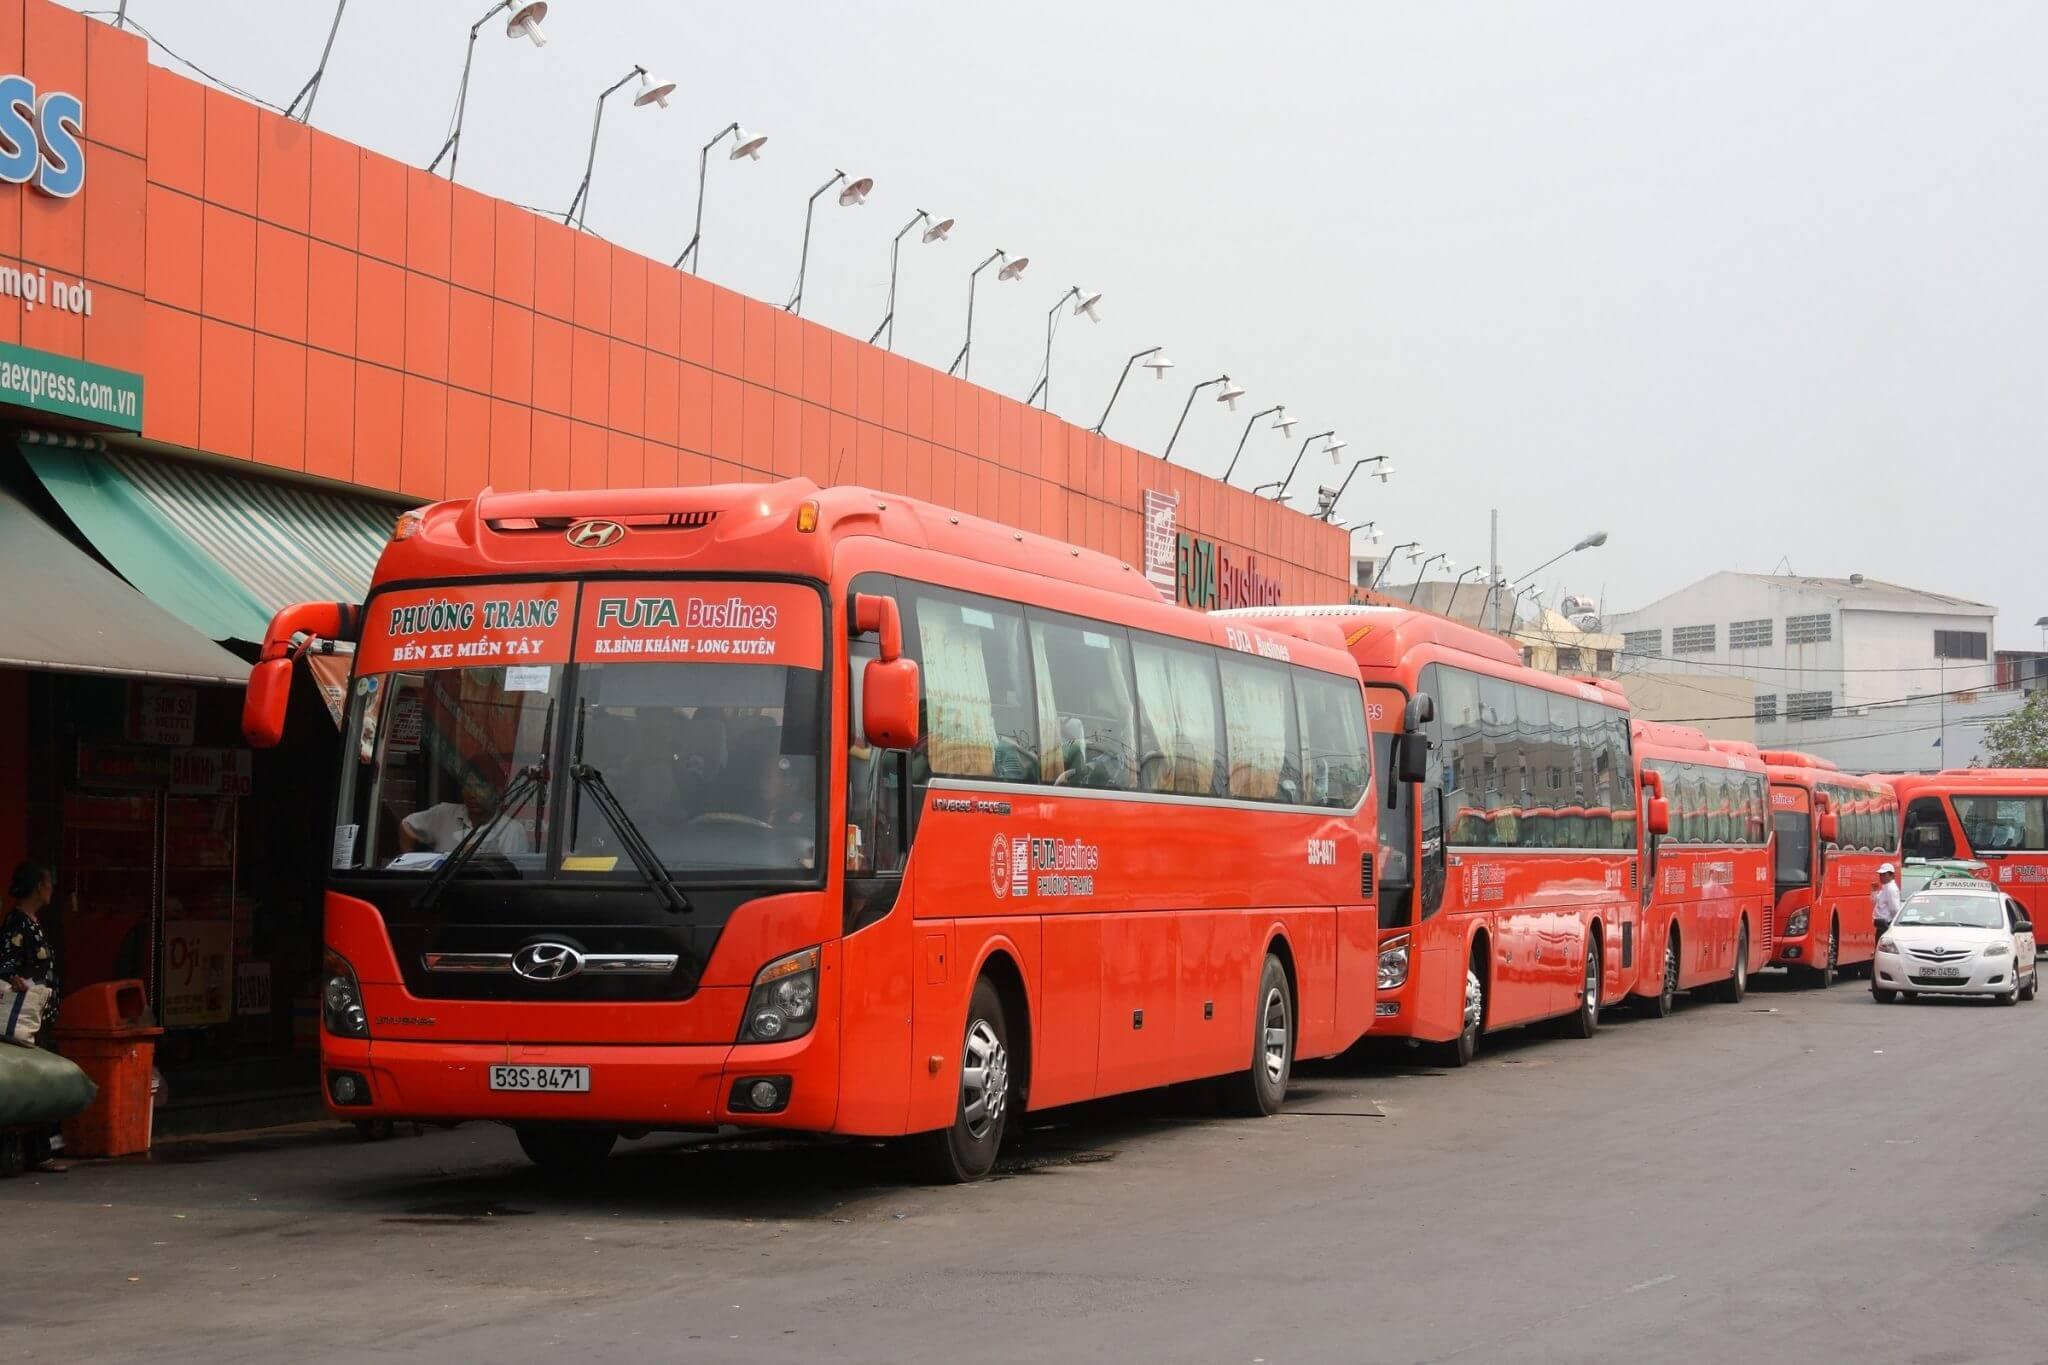 Từ Sài Gòn bạn có thể lựa chọn xe khách Phương Trang hay Thành Bưởi để đến Đà Lạt (nguồn: Datphongdalat.vn)